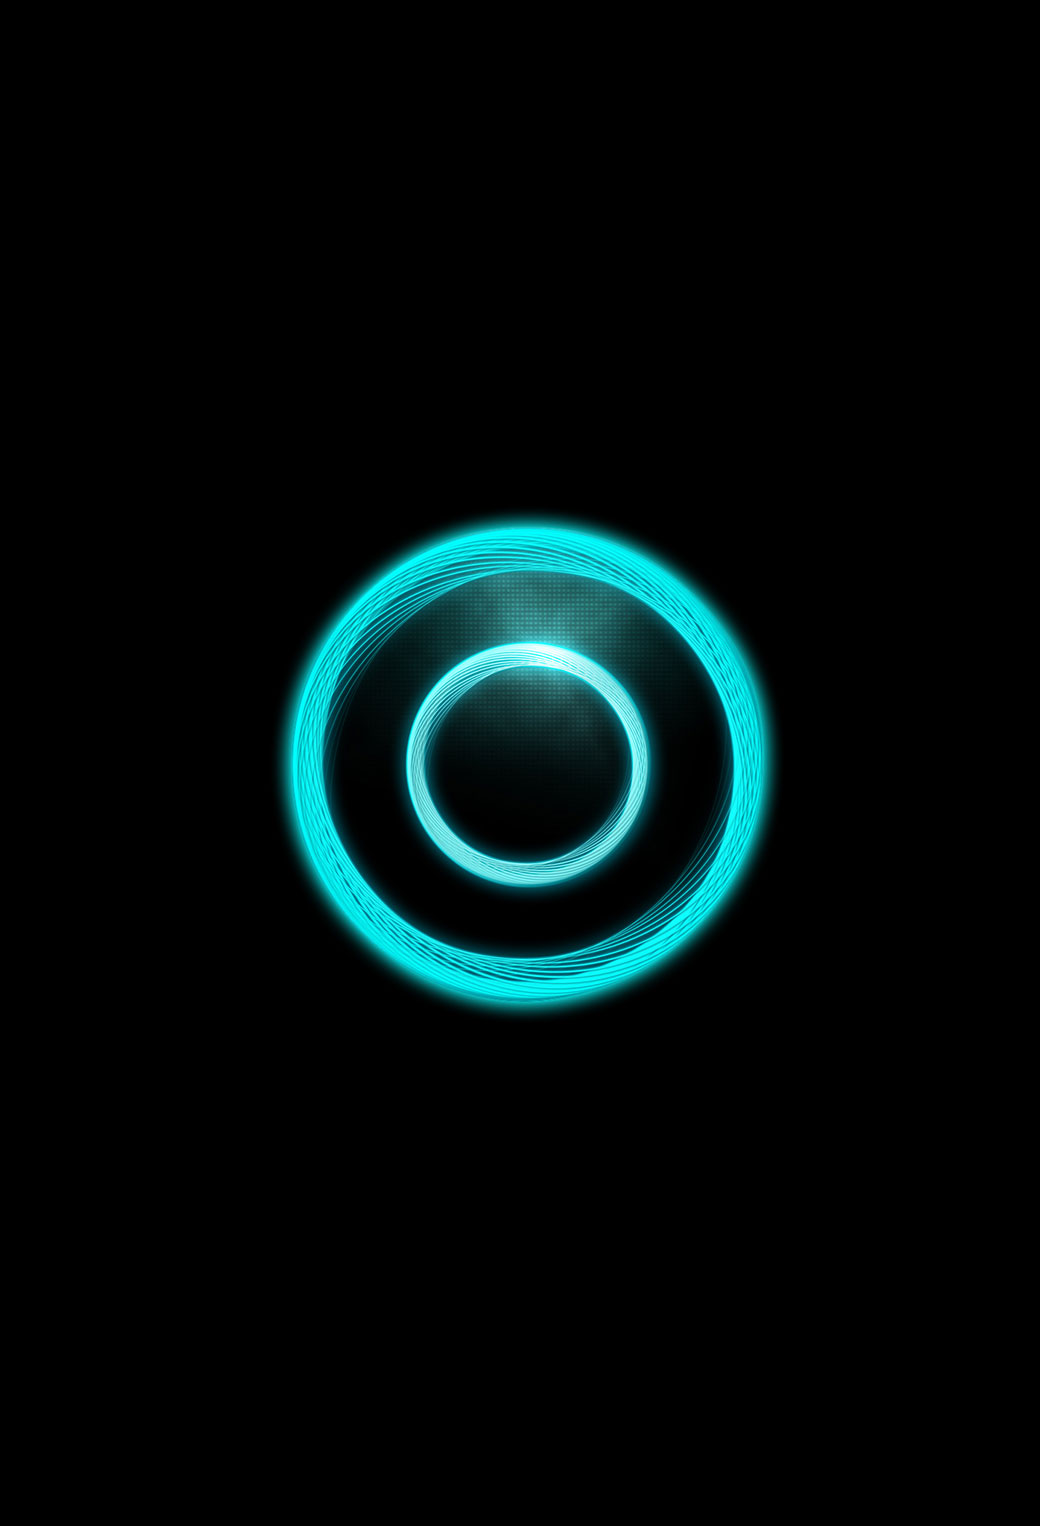 Abstract Circle 3Wallpapers iphone Parallax Abstract Circle